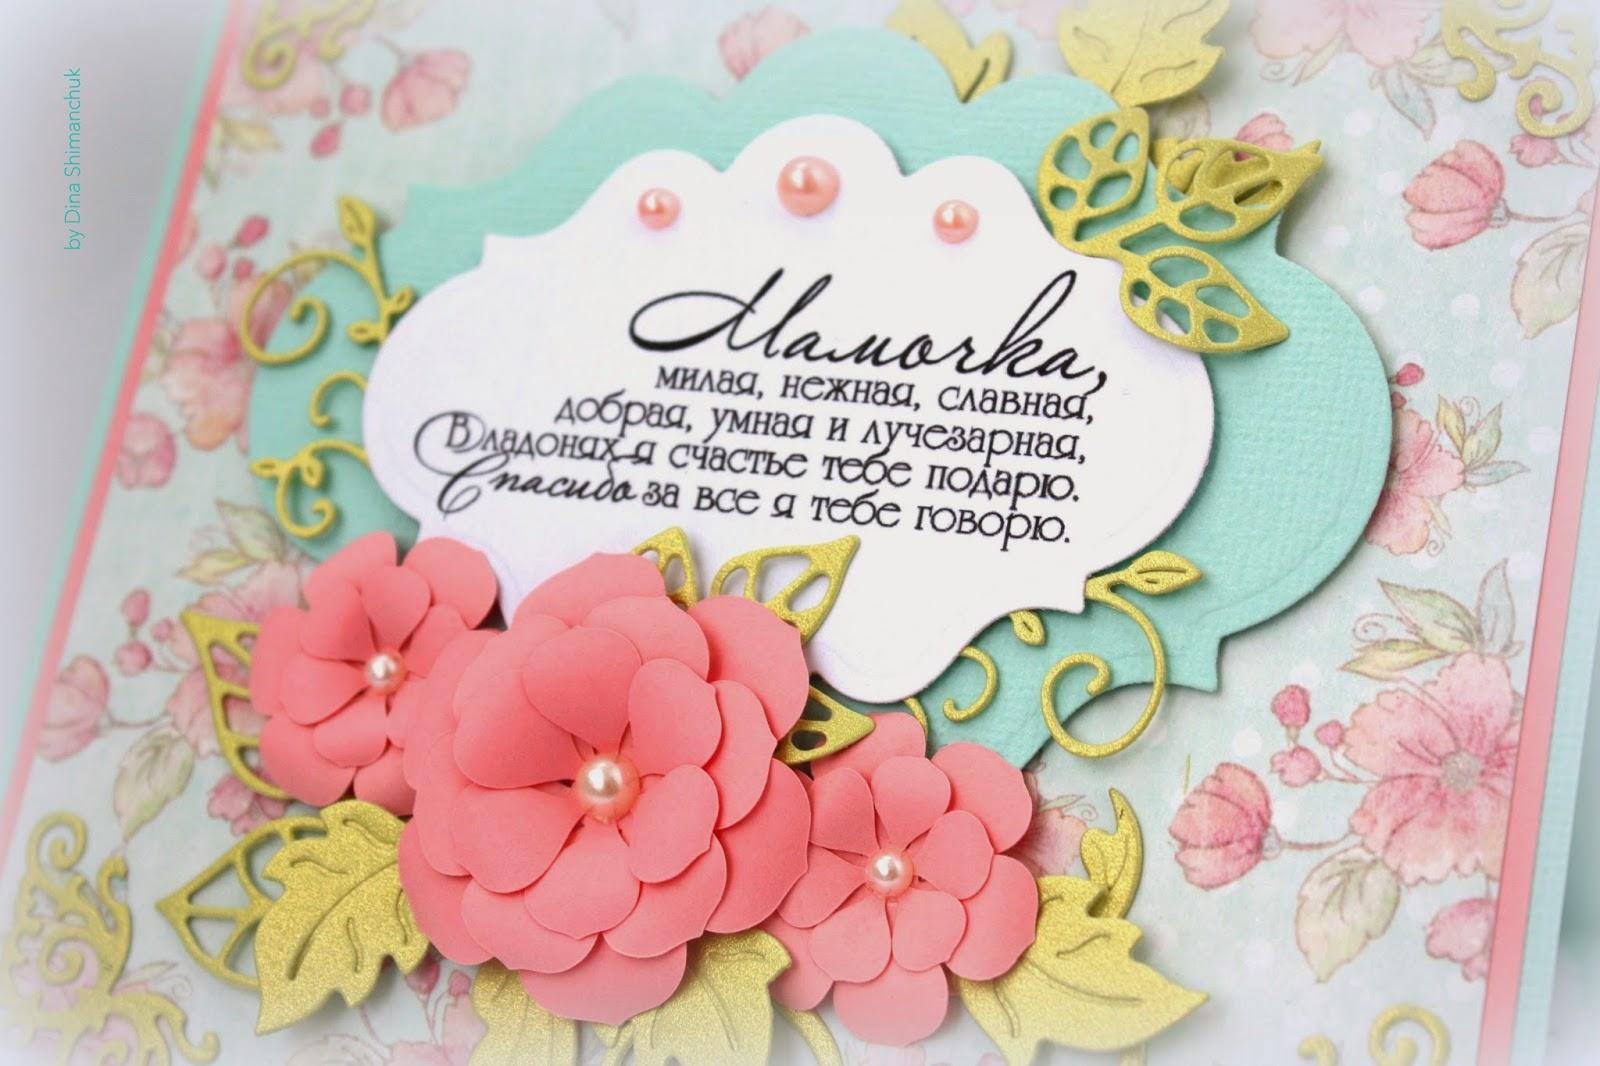 Красивые открытки с Днём рождения маме, скачать бесплатно, отправить 51